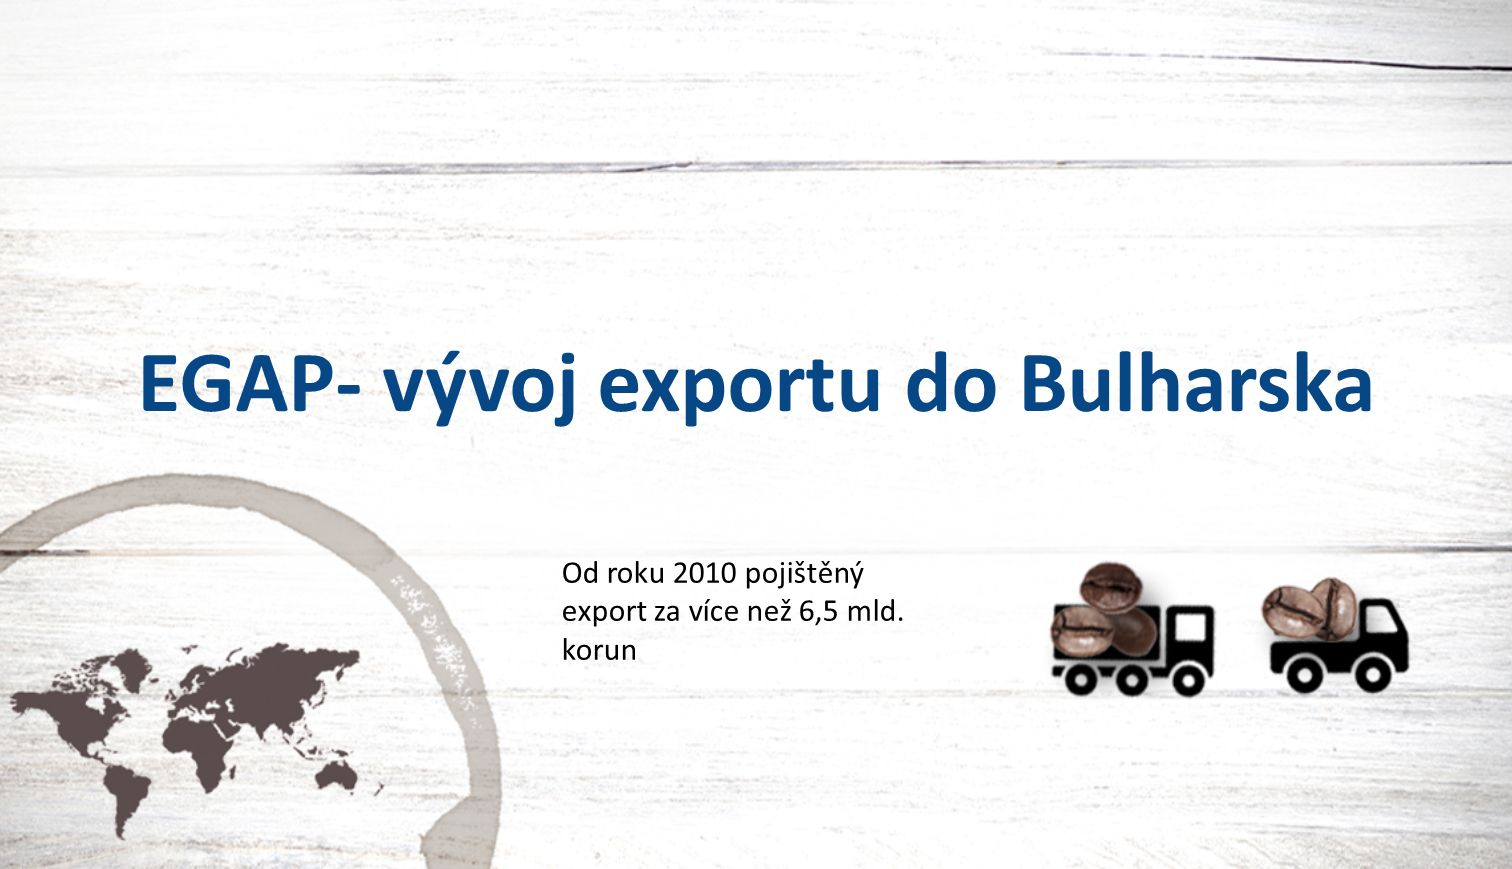 EGAP- vývoj exportu do Bulharska Od roku 2010 pojištěný export za více než 6,5 mld. korun